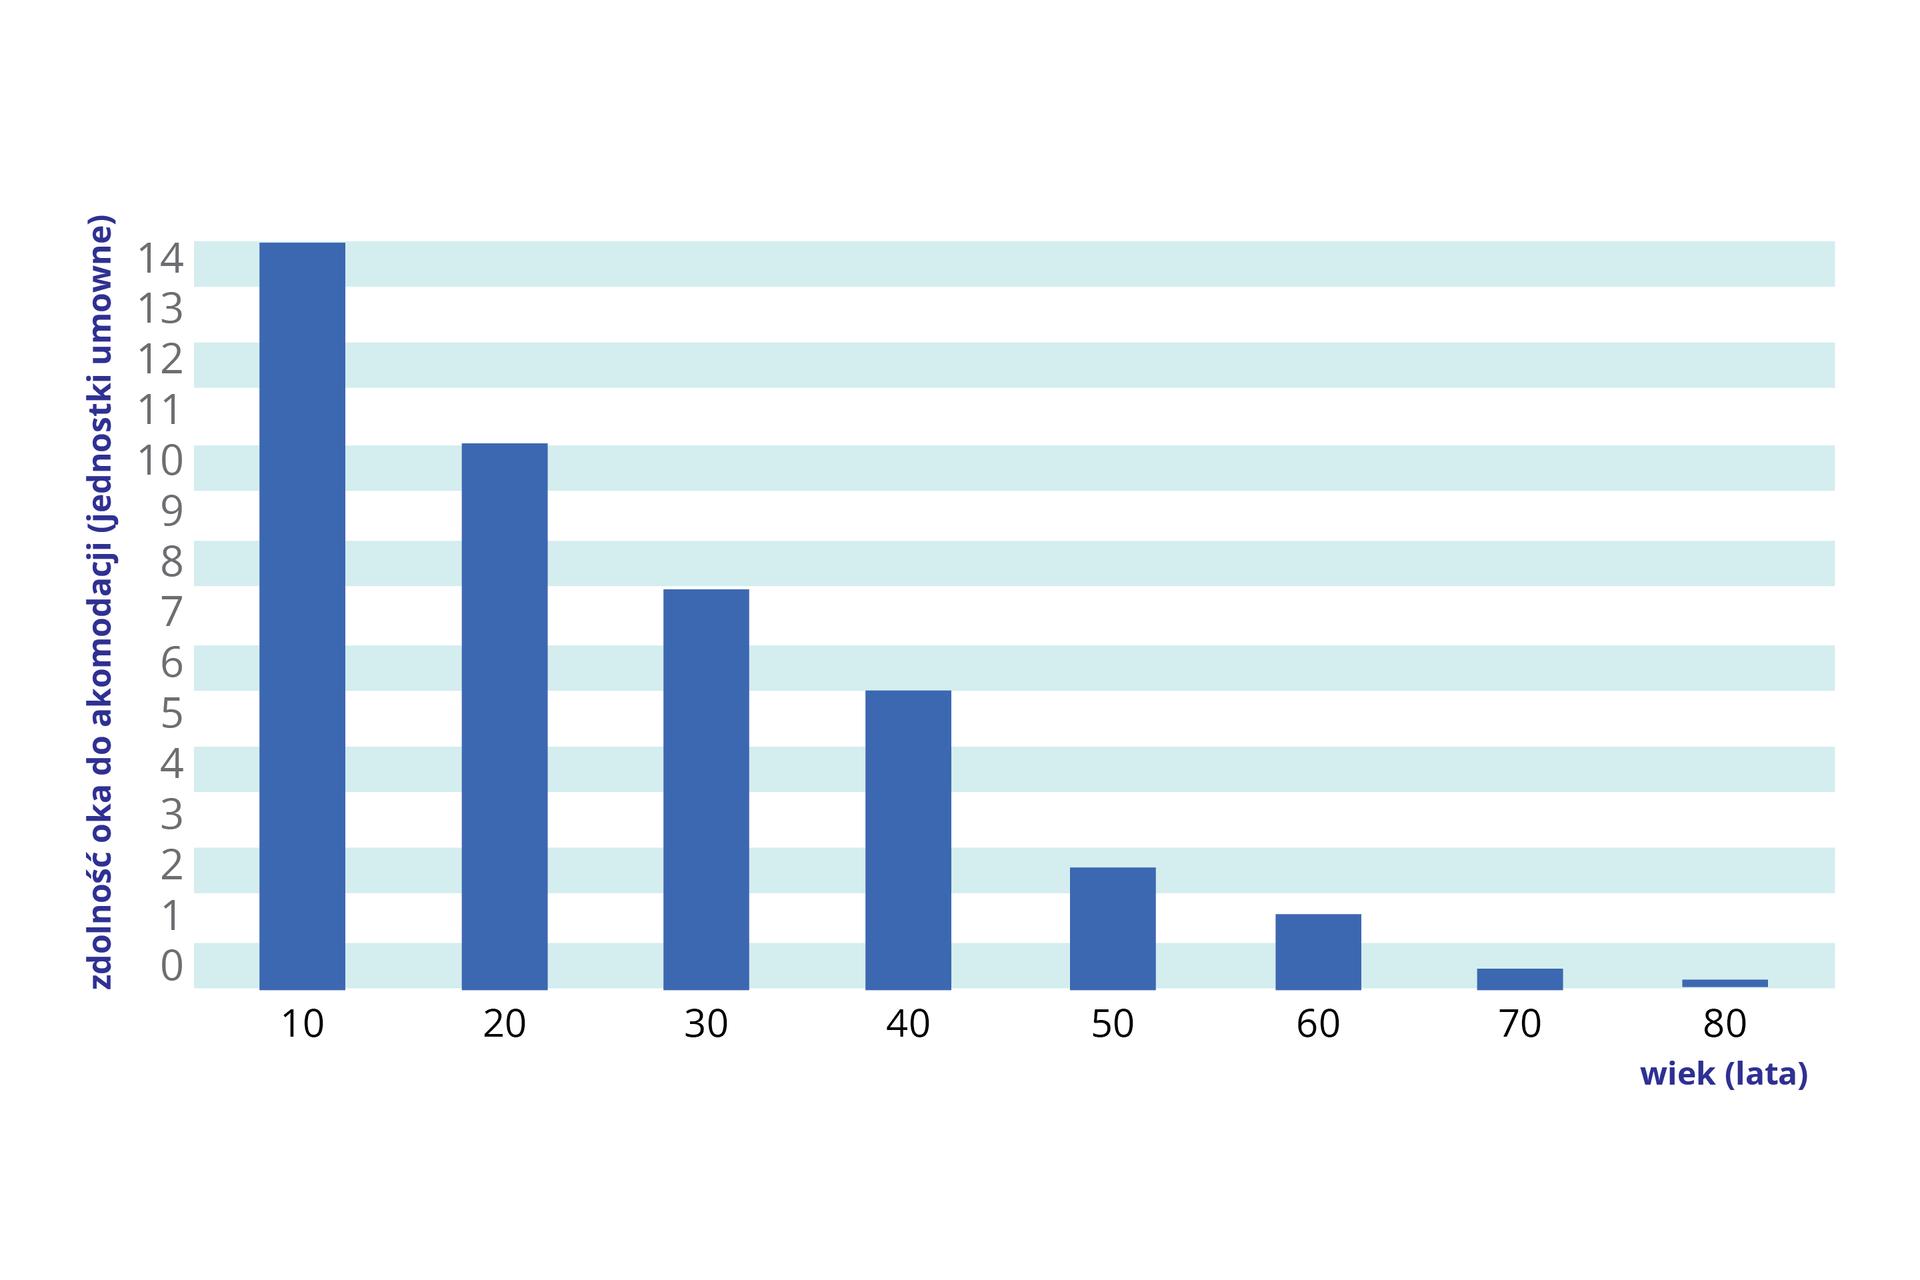 Diagram słupkowy wkolorze niebieskim ilustruje zdolność oka do akomodacji wzależności od wieku. Na osi Xlata życia do osiemdziesięciu. Na osi Yzaznaczono umowne jednostki zdolności oka do akomodacji, od zera do czternastu. Zdolność akomodacji zmniejsza się zwiekiem.